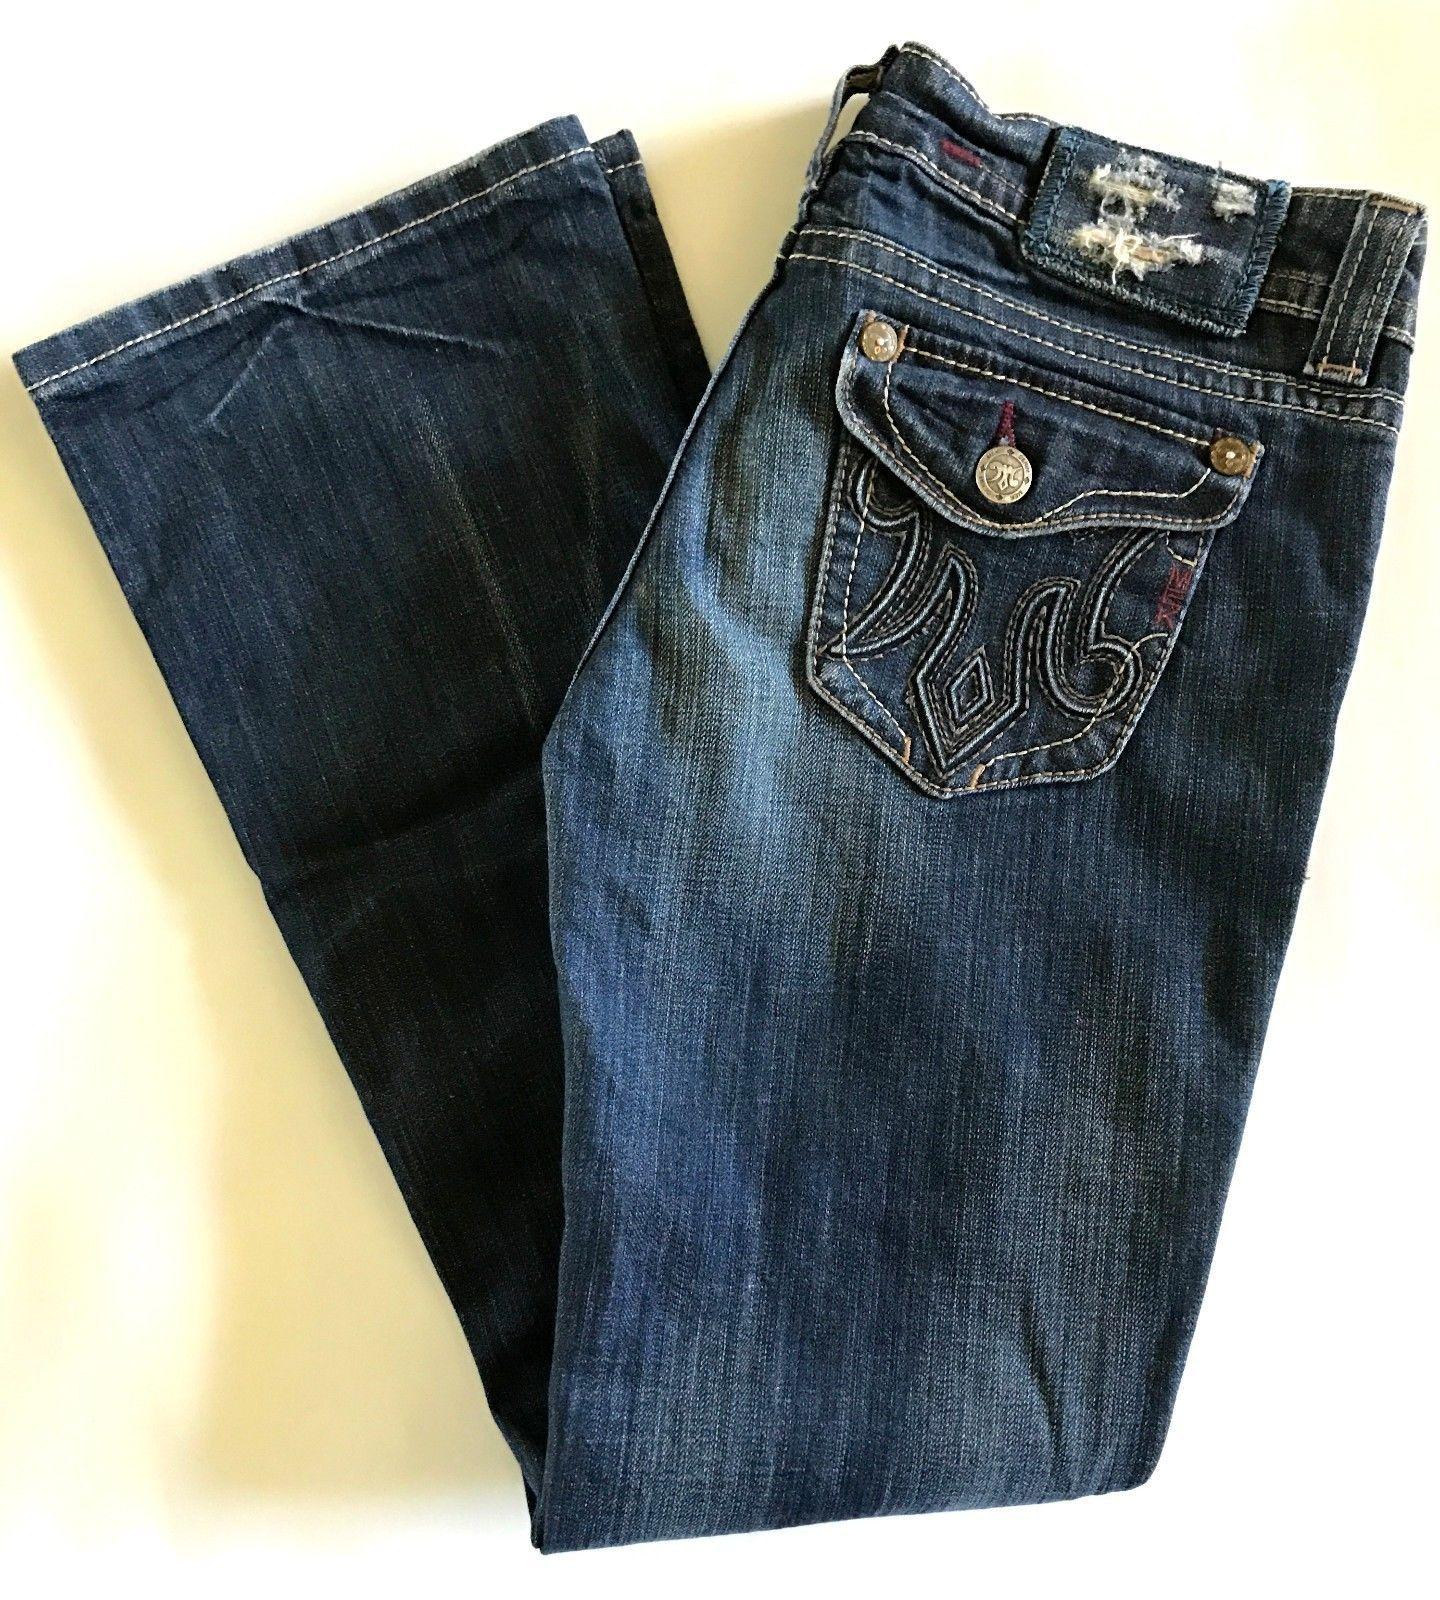 96105aca8 MEK Denim Dublin Jeans Women s Boot Cut and 50 similar items. 57